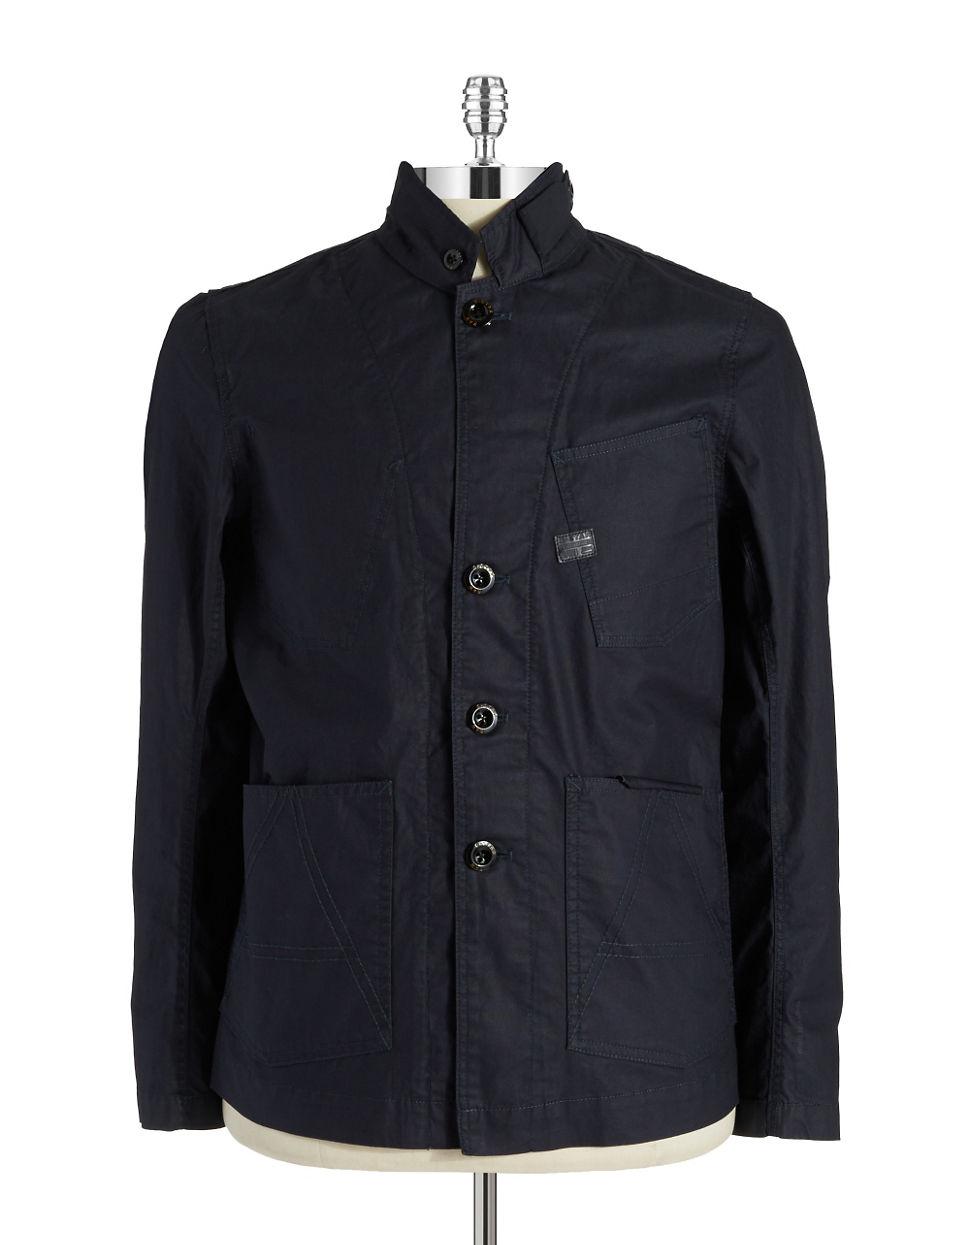 g star raw lightweight jacket in blue for men lyst. Black Bedroom Furniture Sets. Home Design Ideas